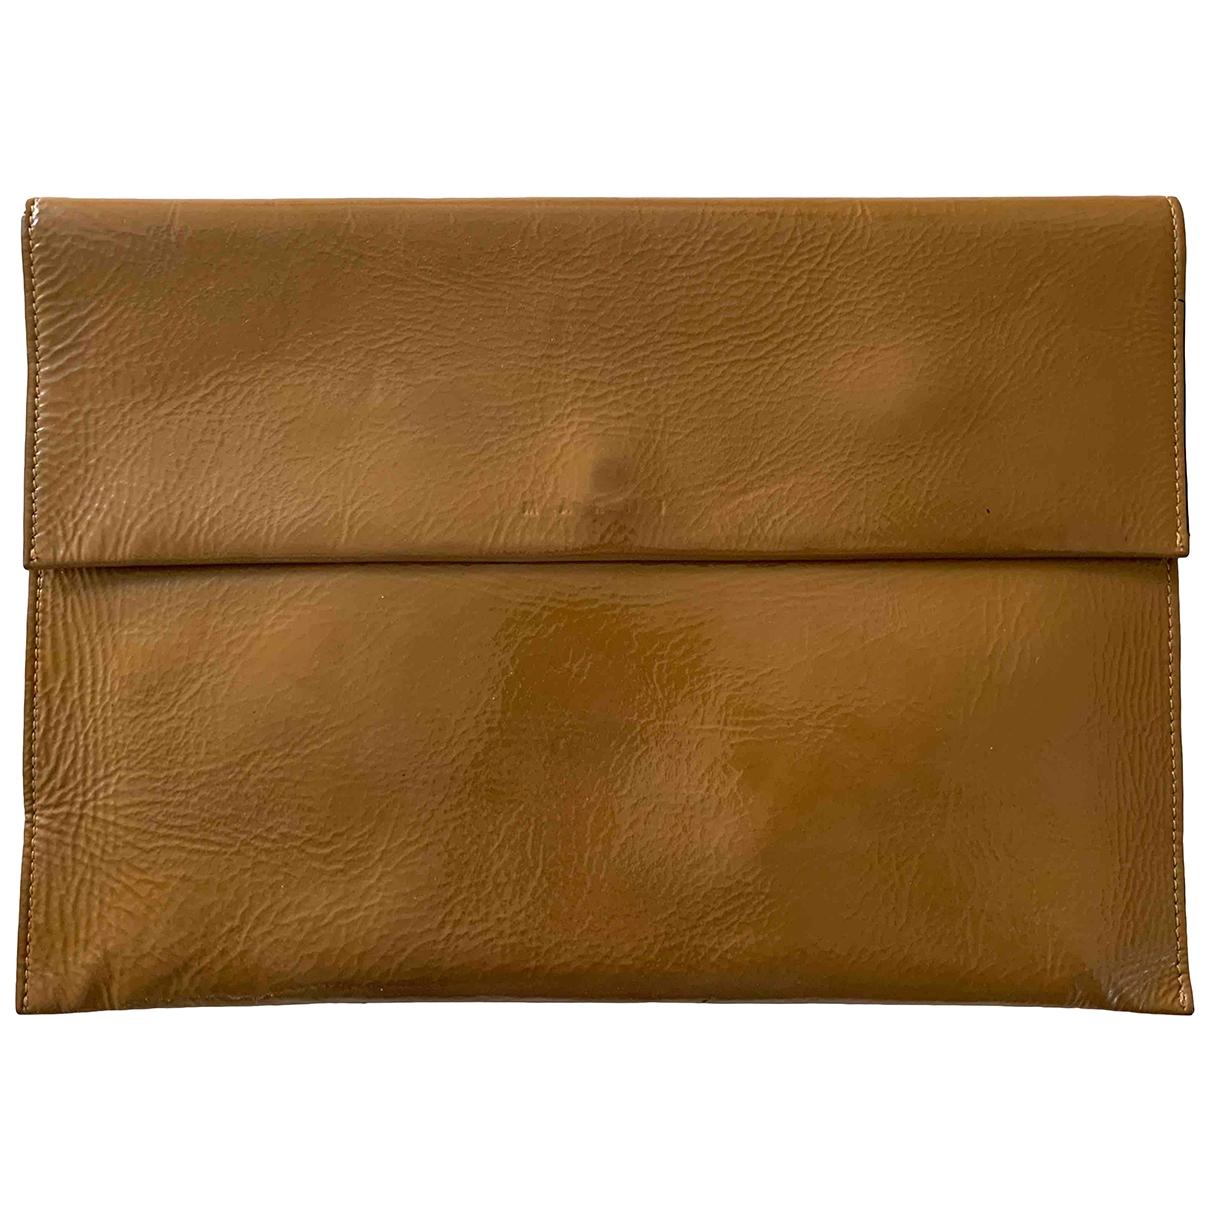 Marni \N Beige Leather Clutch bag for Women \N